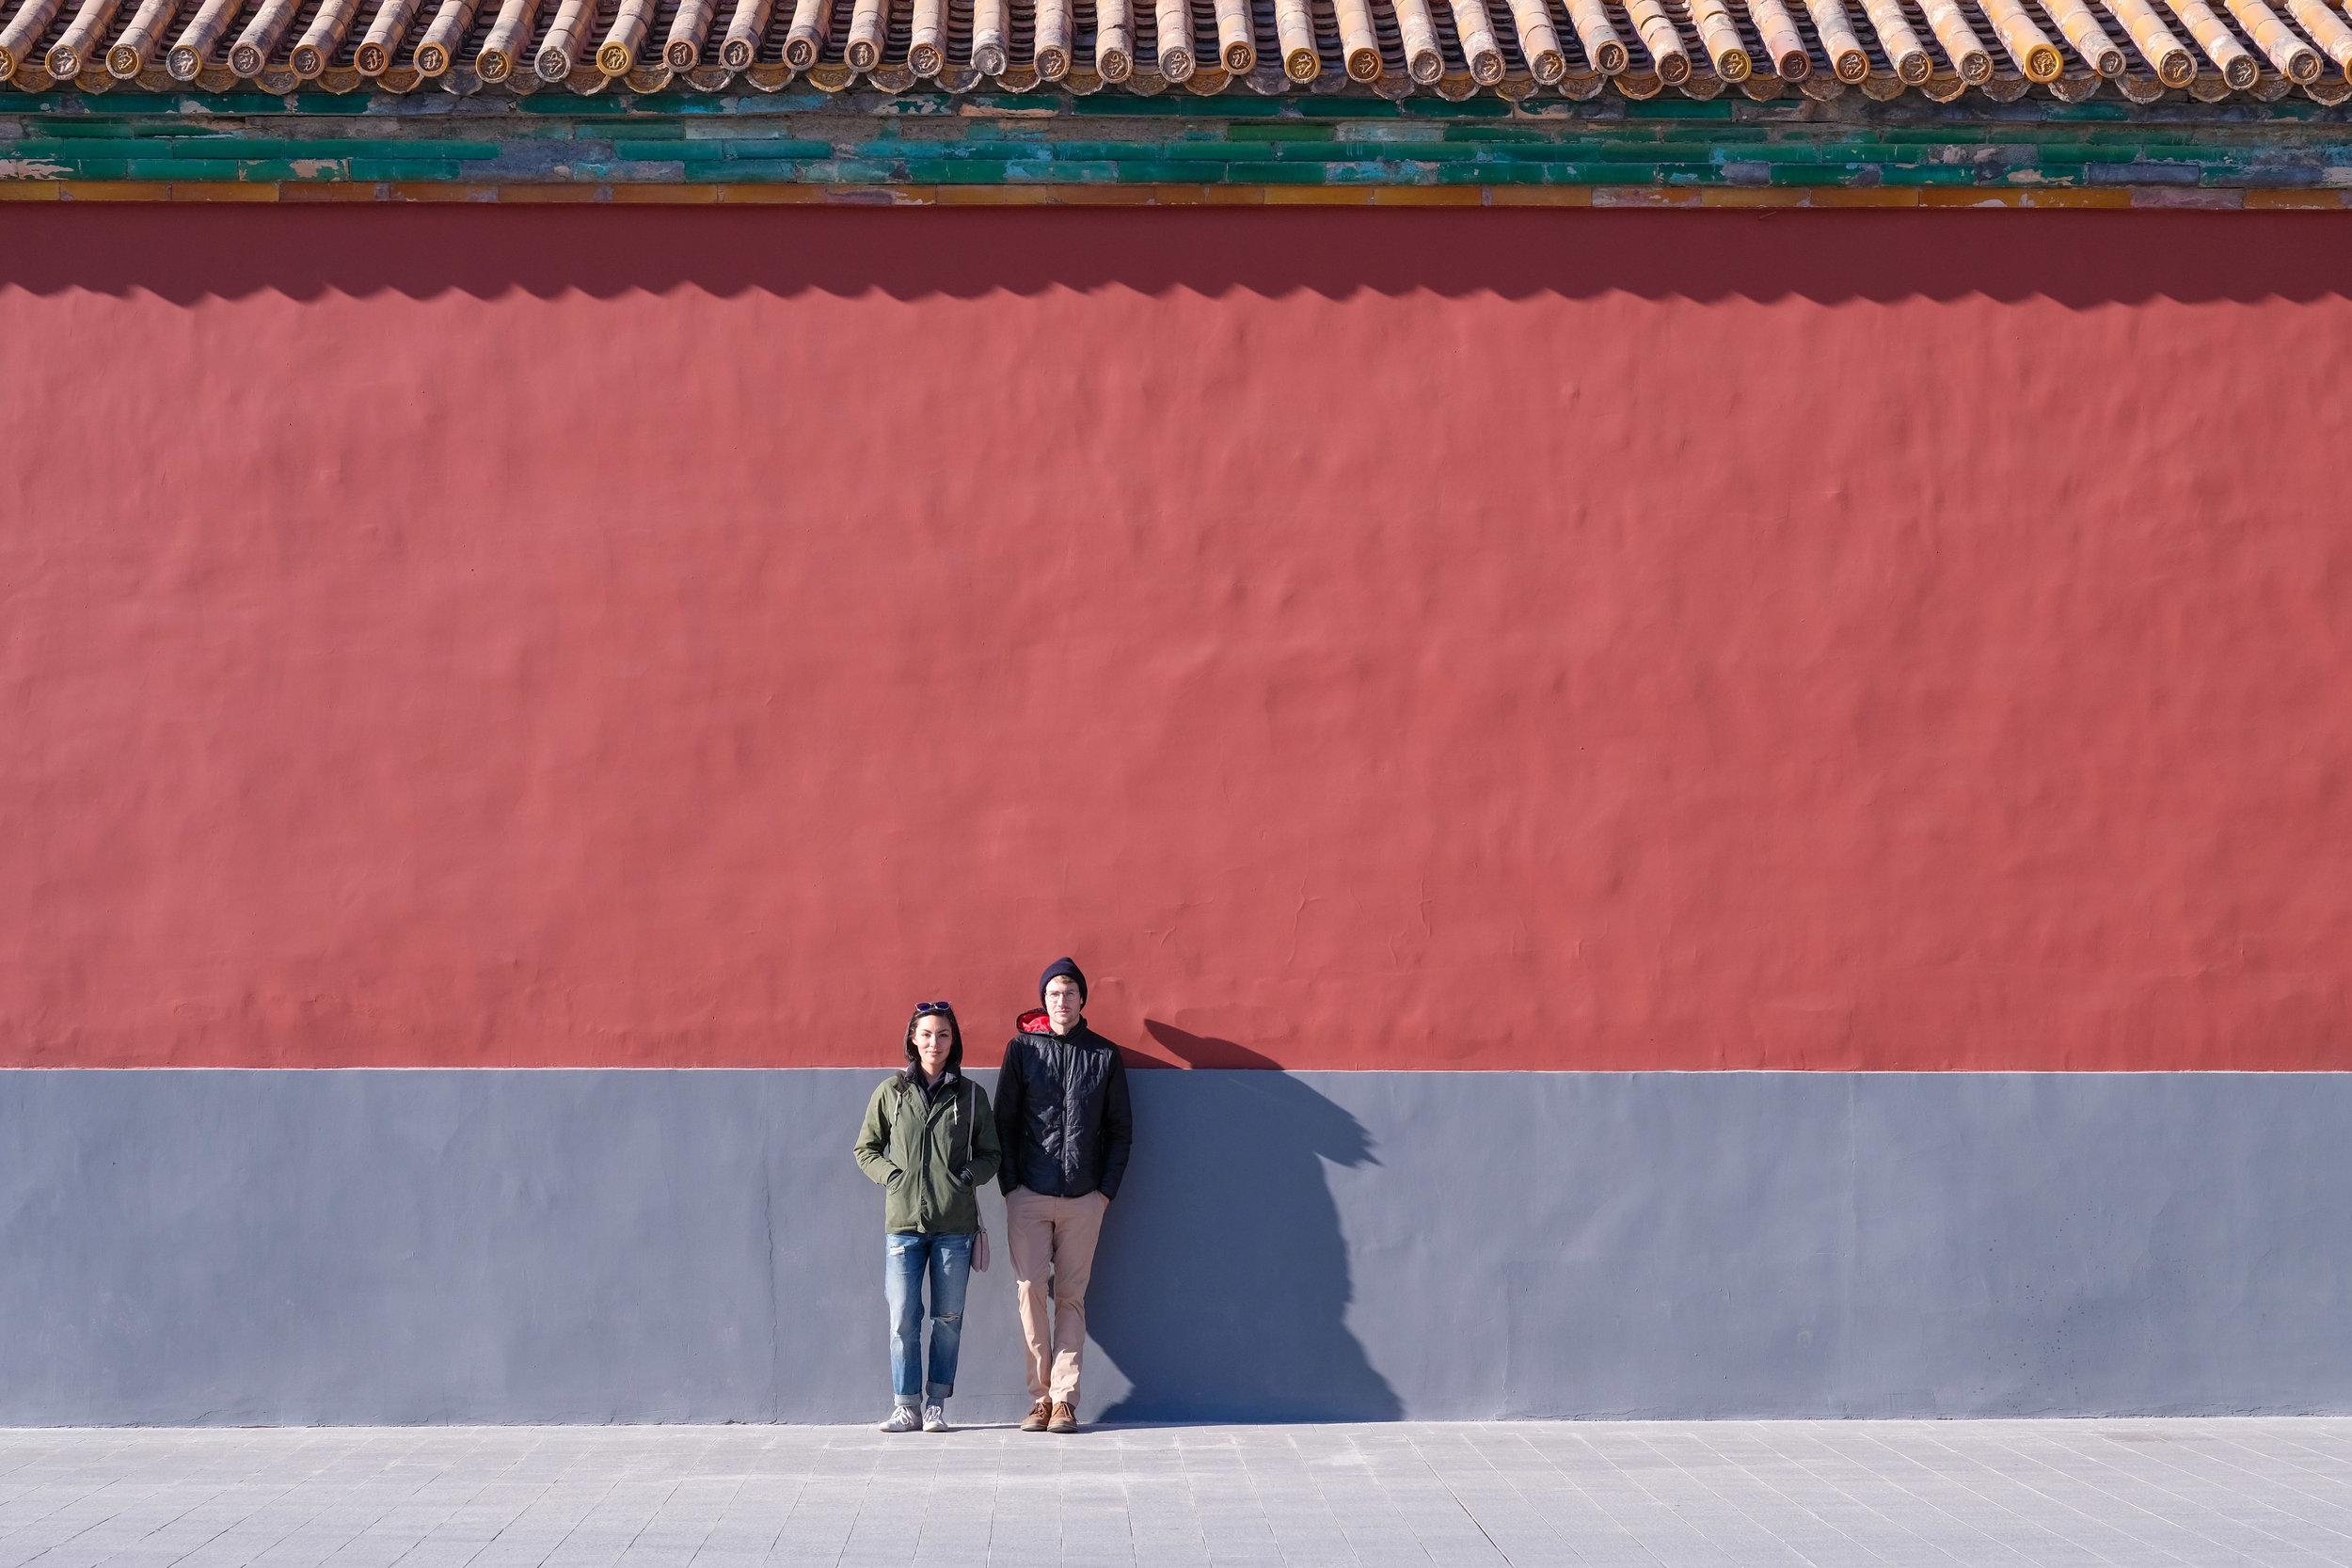 China Week 1: Hutongs, Hustles, and Dancing Grannies - January 11th, 2018